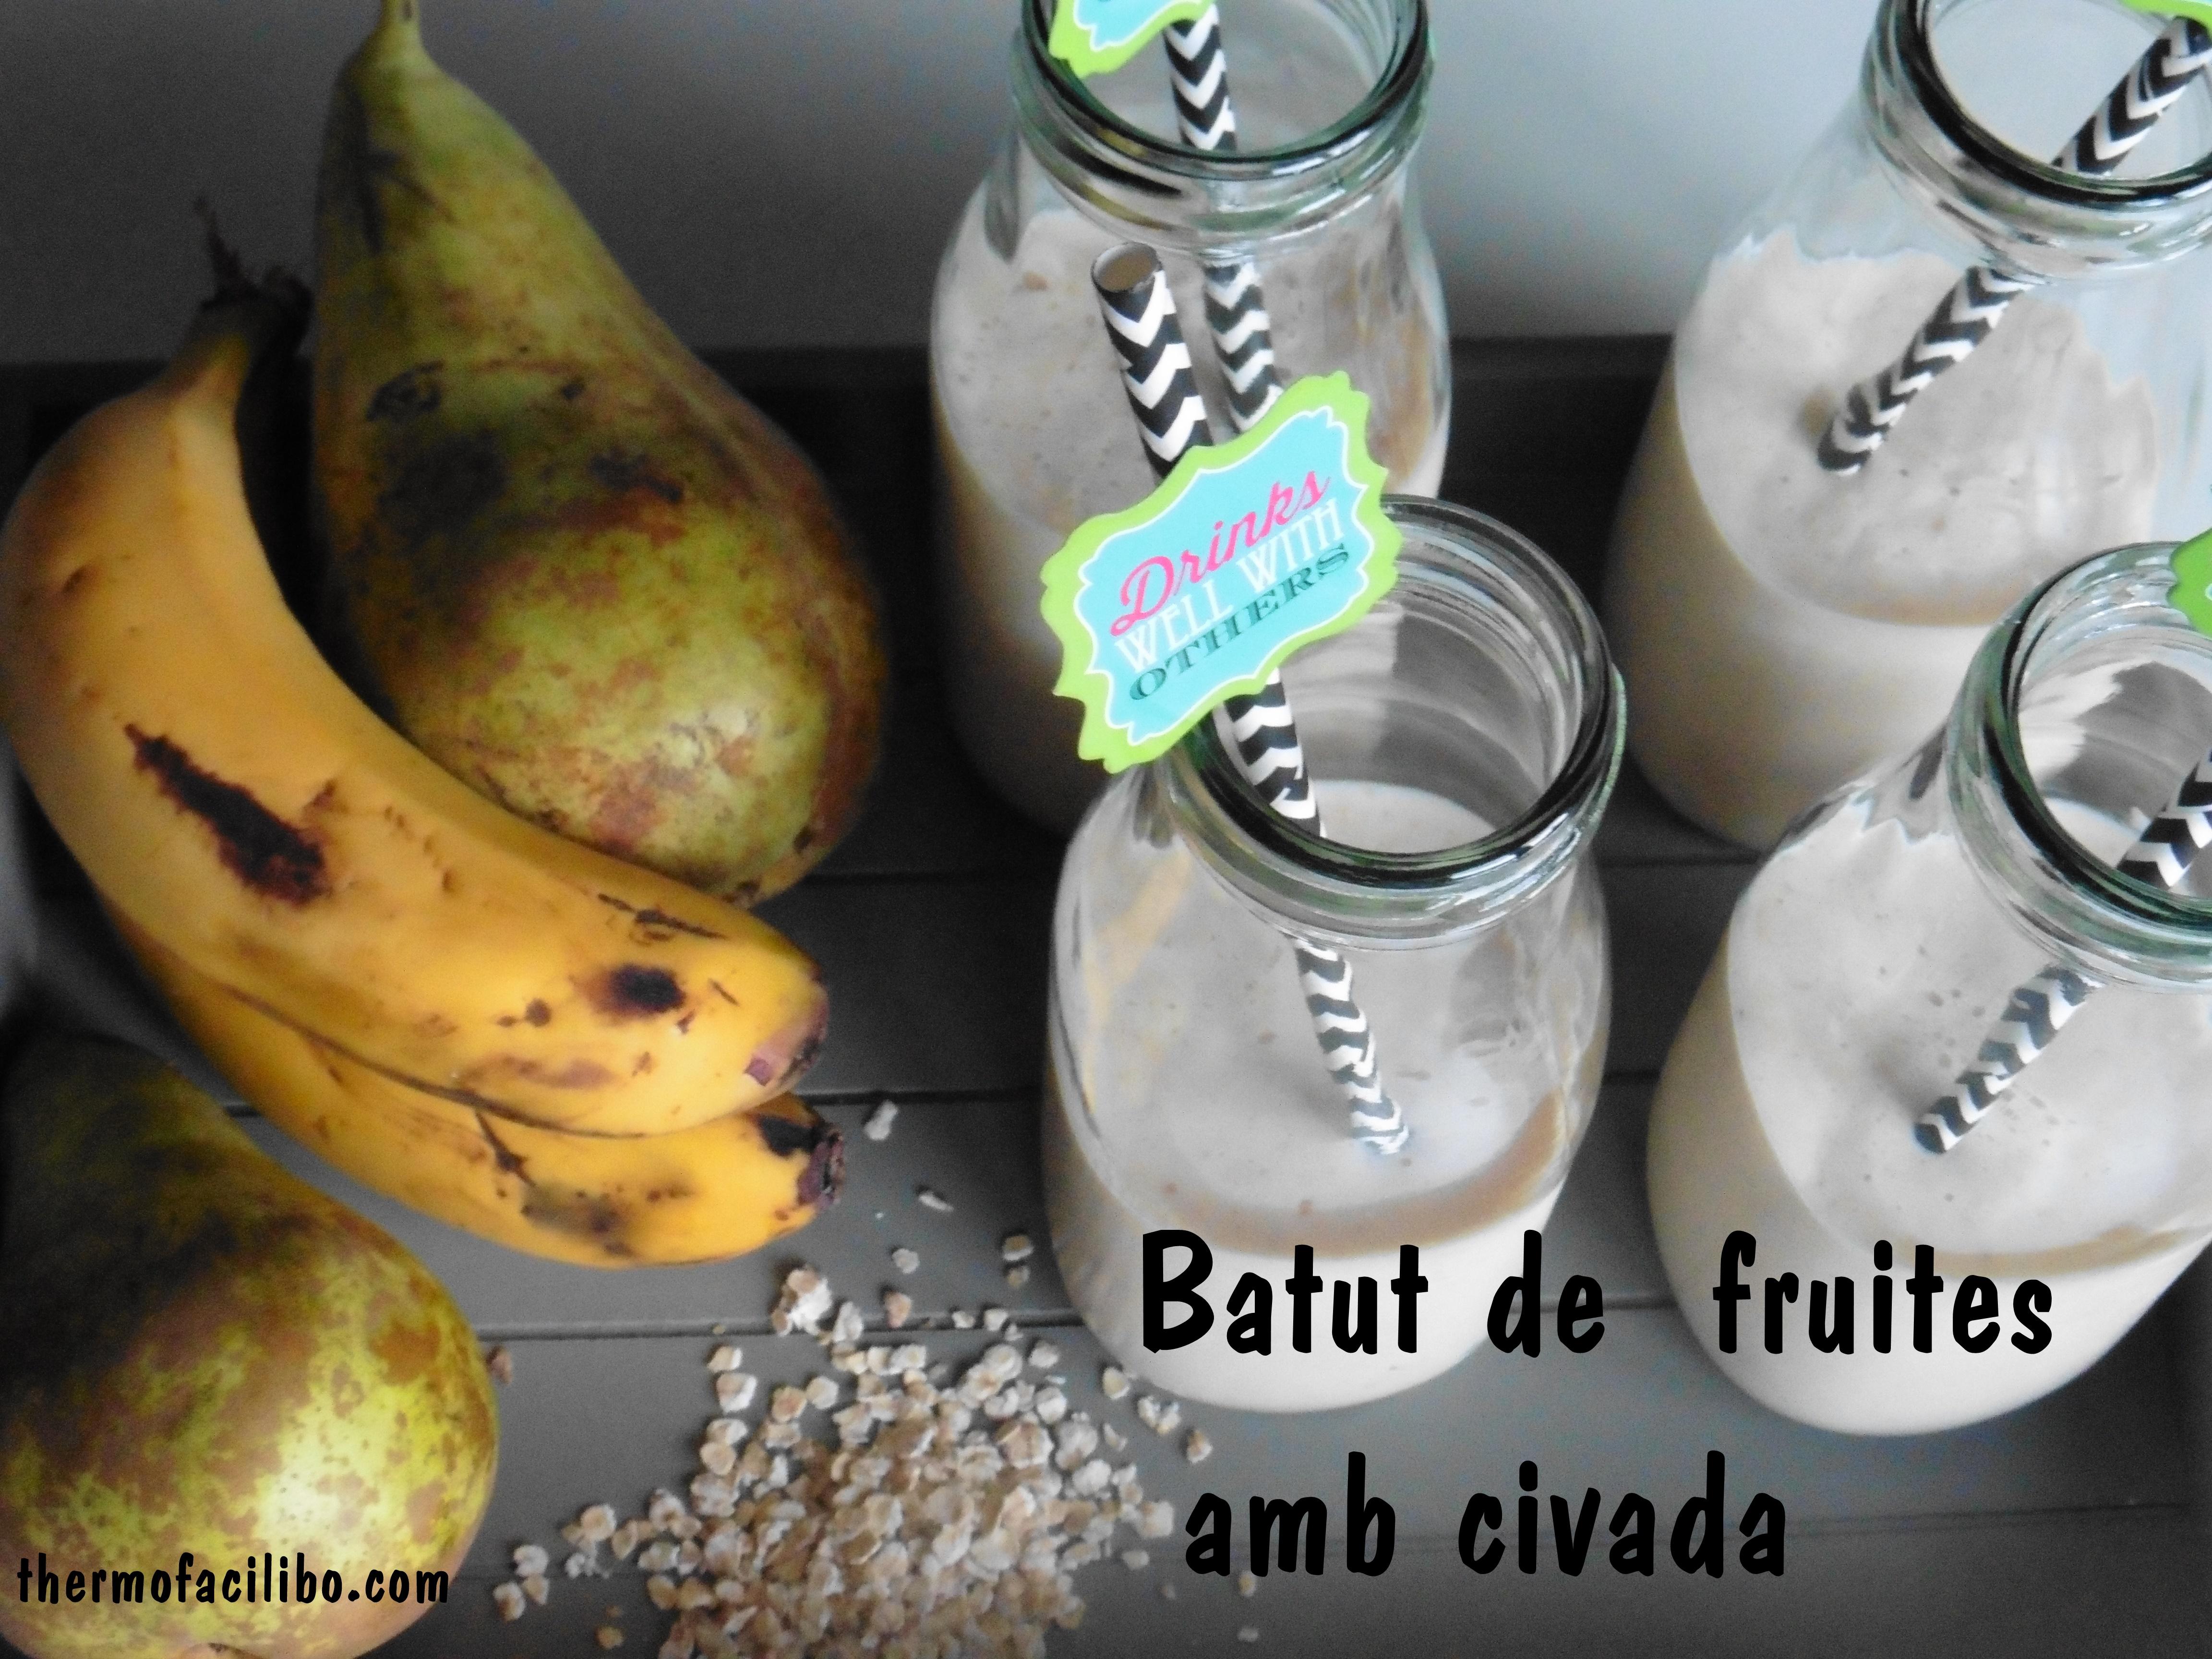 Batut de fruites amb civada 1